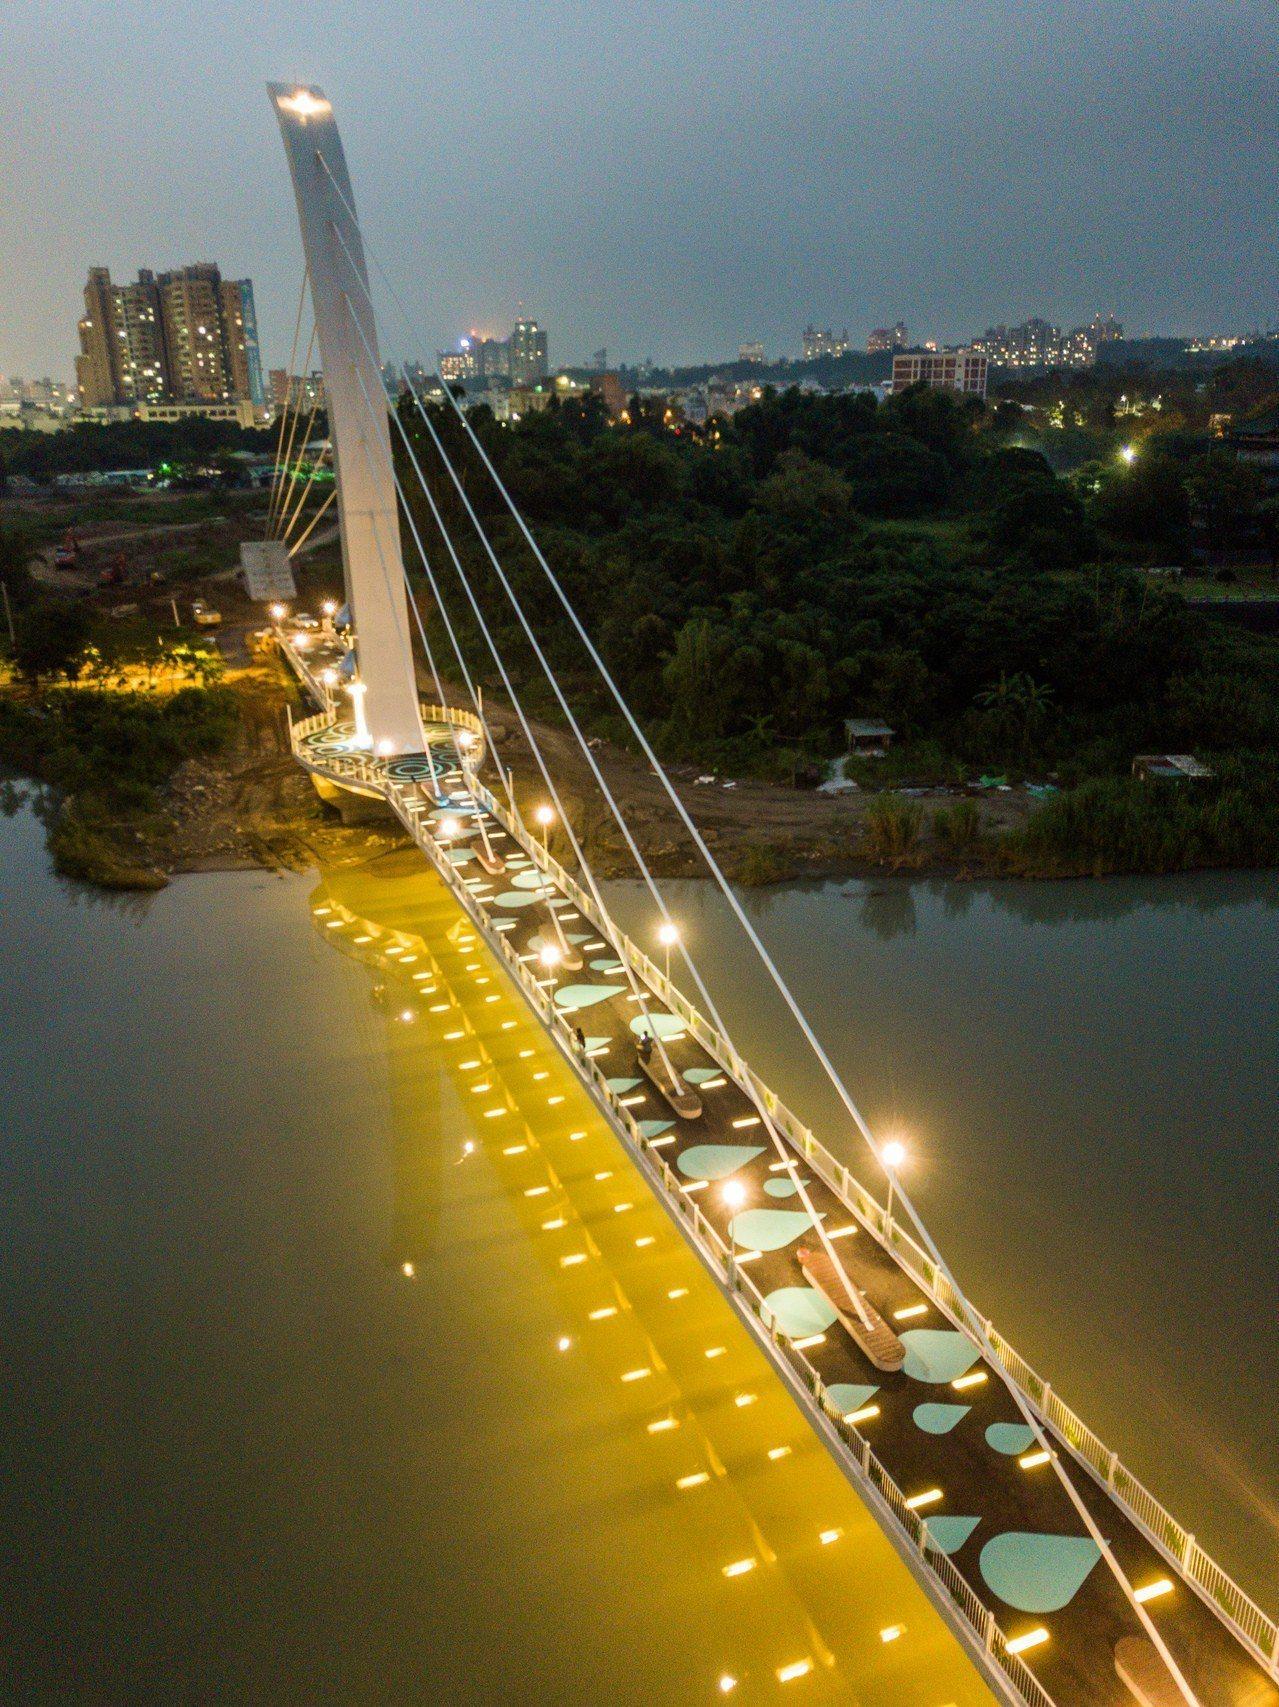 嘉義市「彌陀映月橋」全長222公尺,跨河主跨徑115公尺,橋塔高約50公尺,今天...